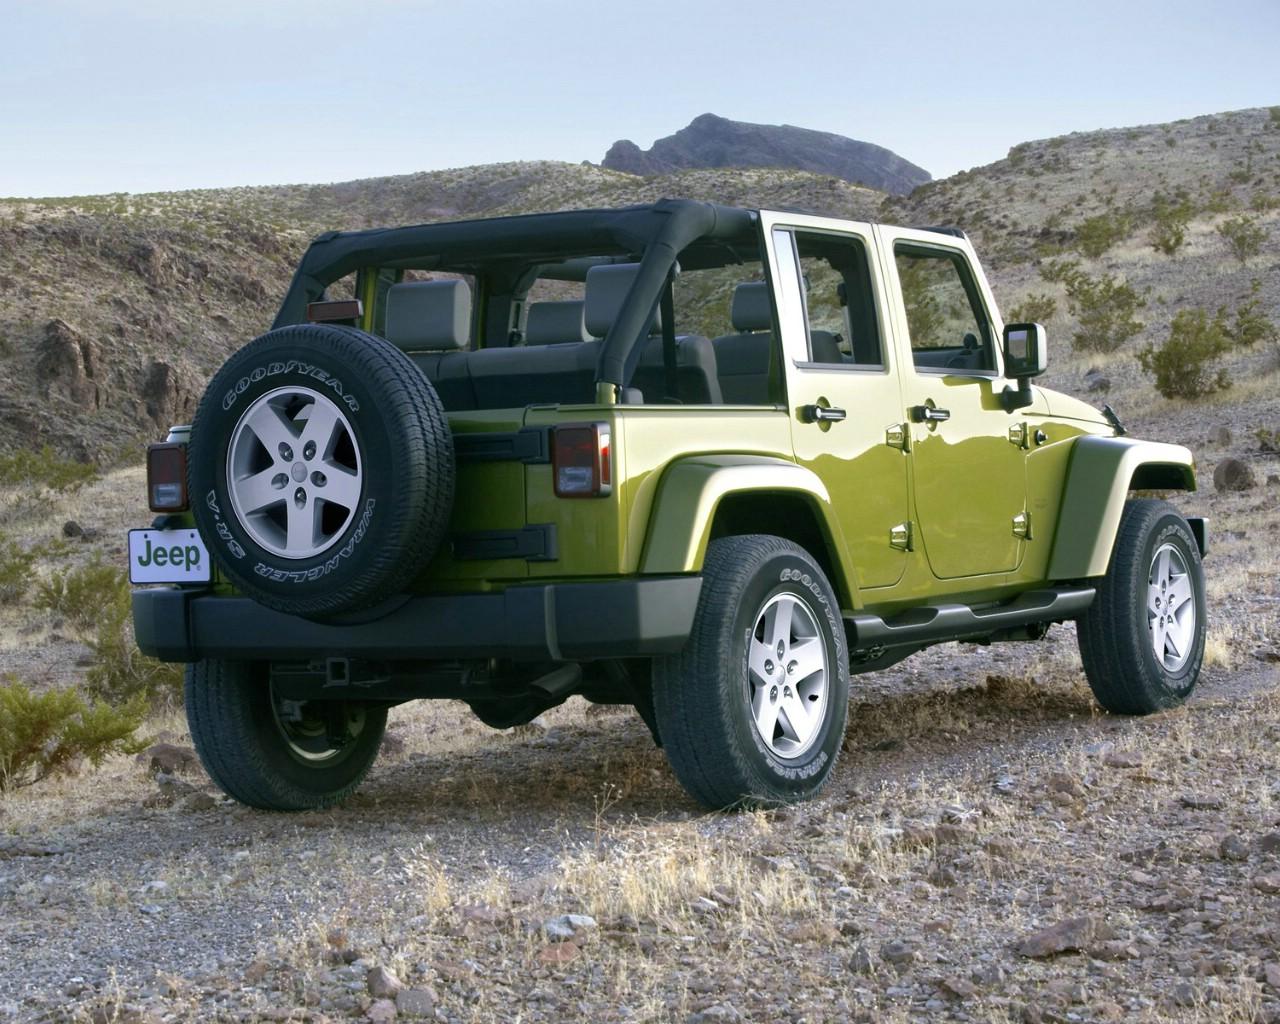 1024高清晰Jeep越野车壁纸之一壁纸,高清晰Jeep越野车壁纸之一壁高清图片